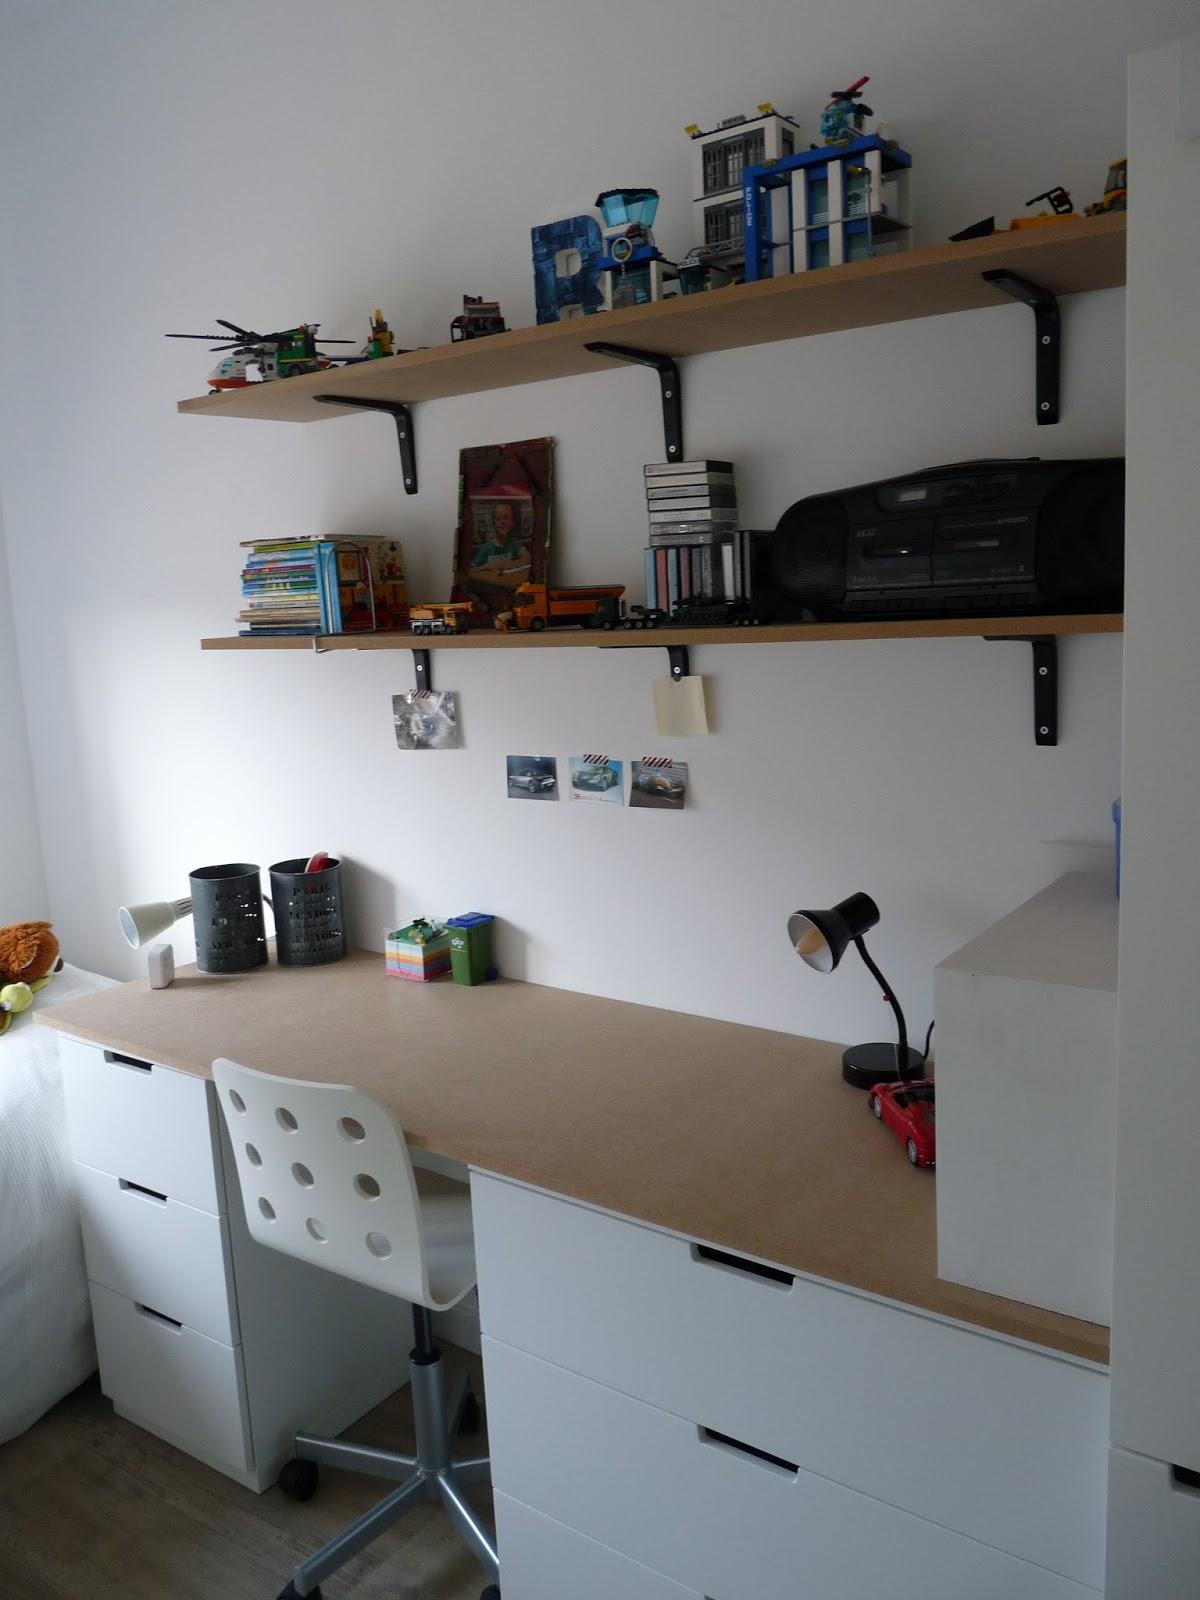 Gezinsleven: Kom binnen in ons nieuwe huis - de slaapkamer van B.!